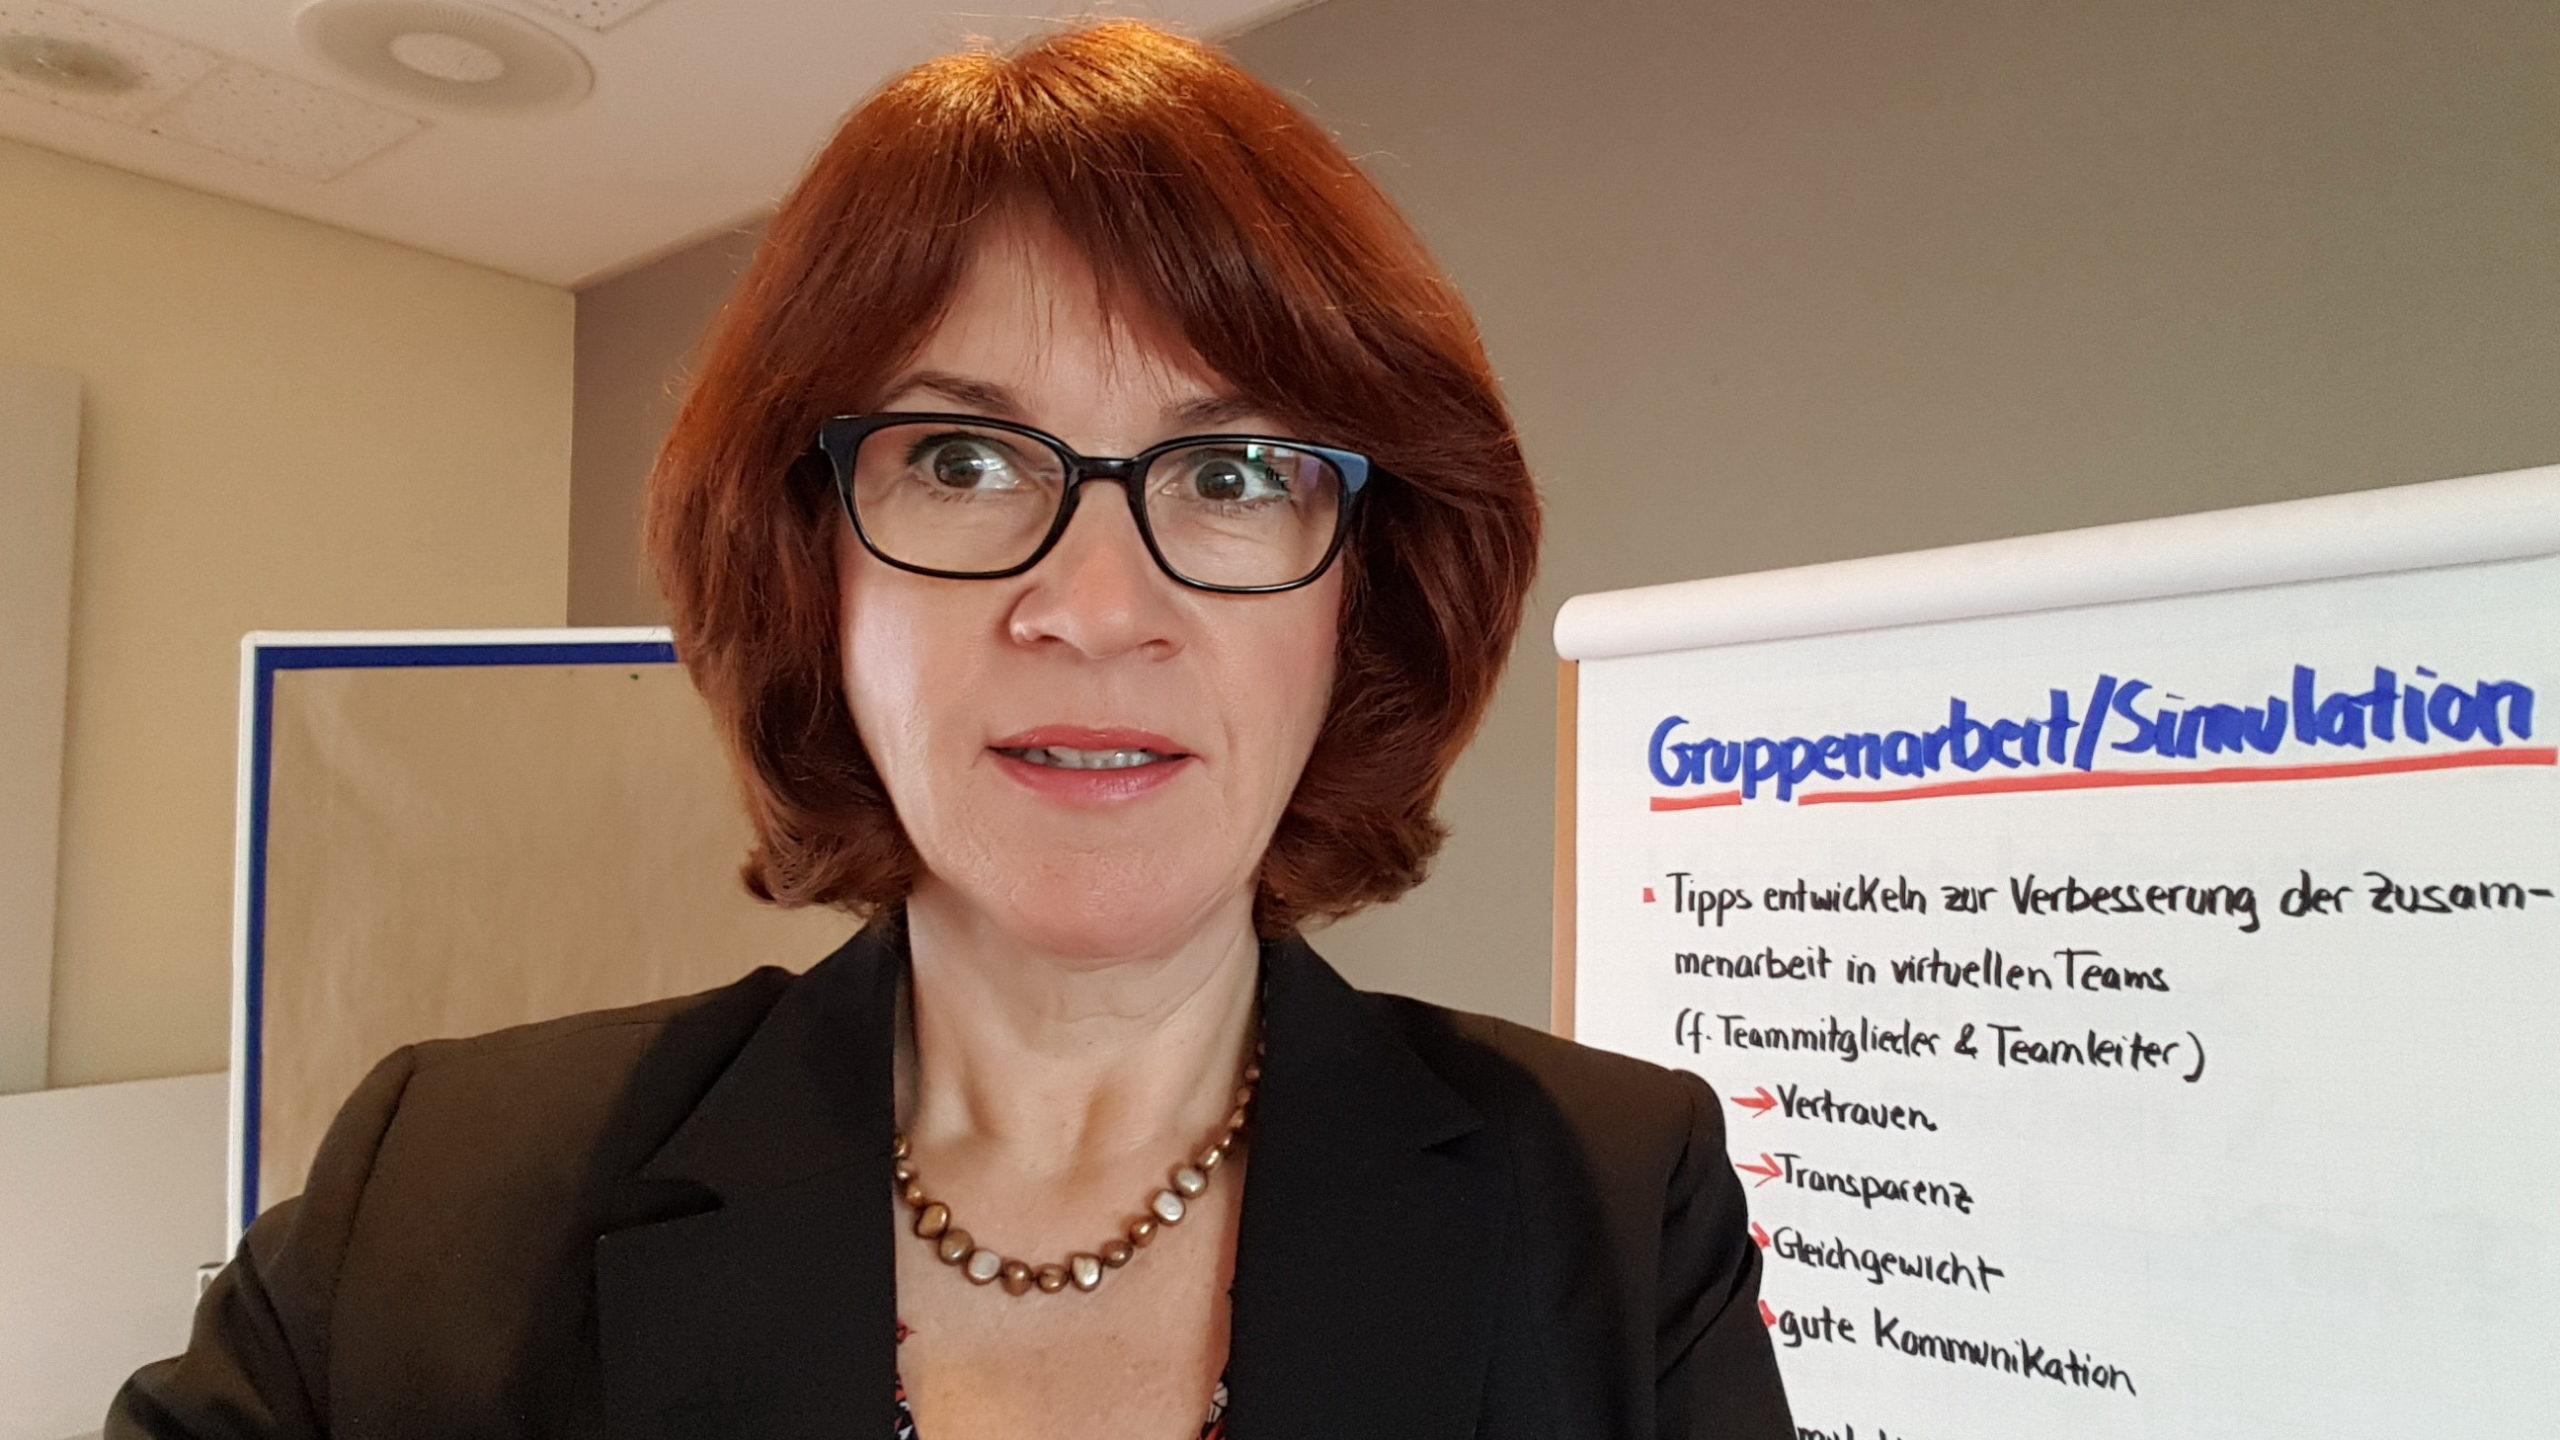 Seminar virtuelle Teams fuehren - Gudrun Hoehne - vor Flipchar